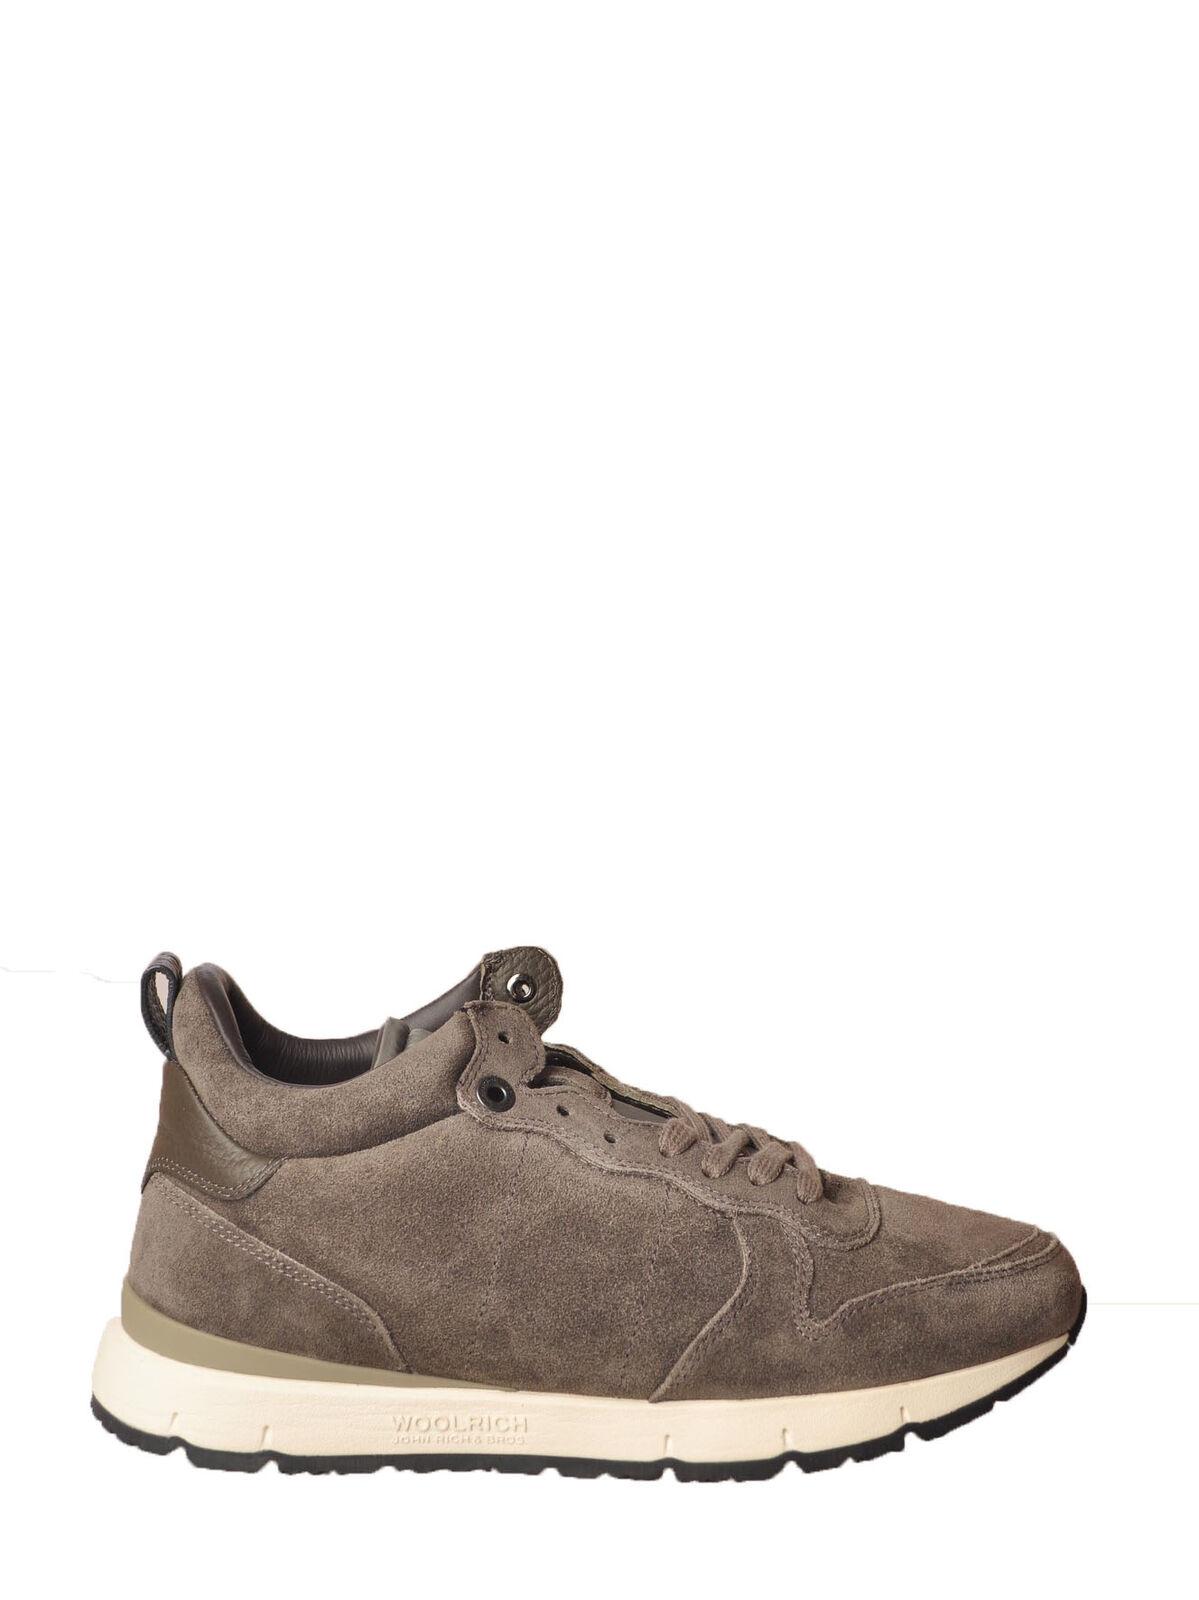 outlet Woolrich Woolrich Woolrich - scarpe-scarpe - Uomo - Beige - 4425909C193550  in vendita scontato del 70%